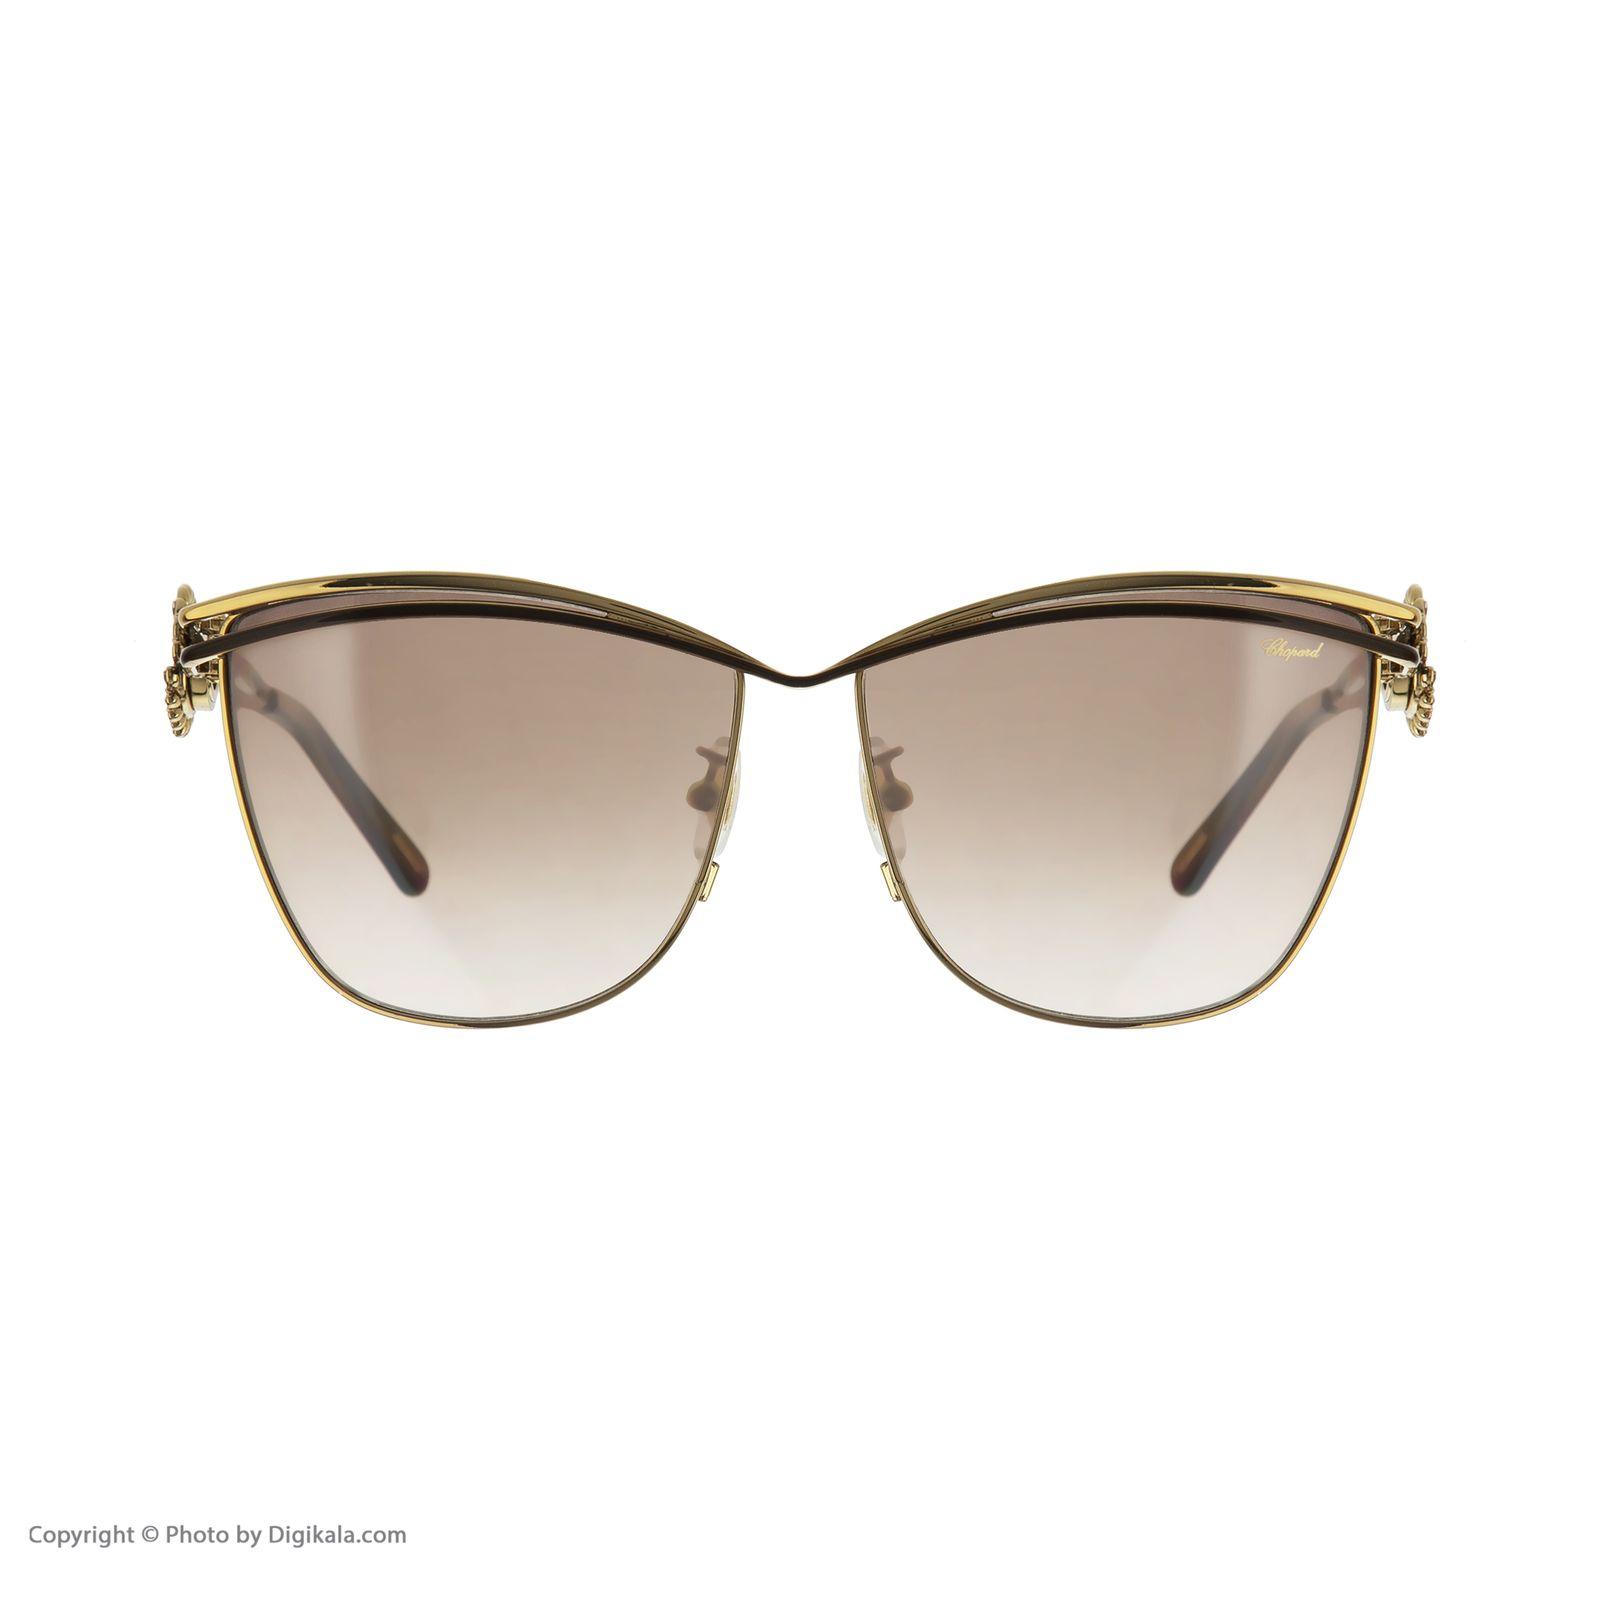 عینک آفتابی زنانه شوپارد مدل 26 -  - 6